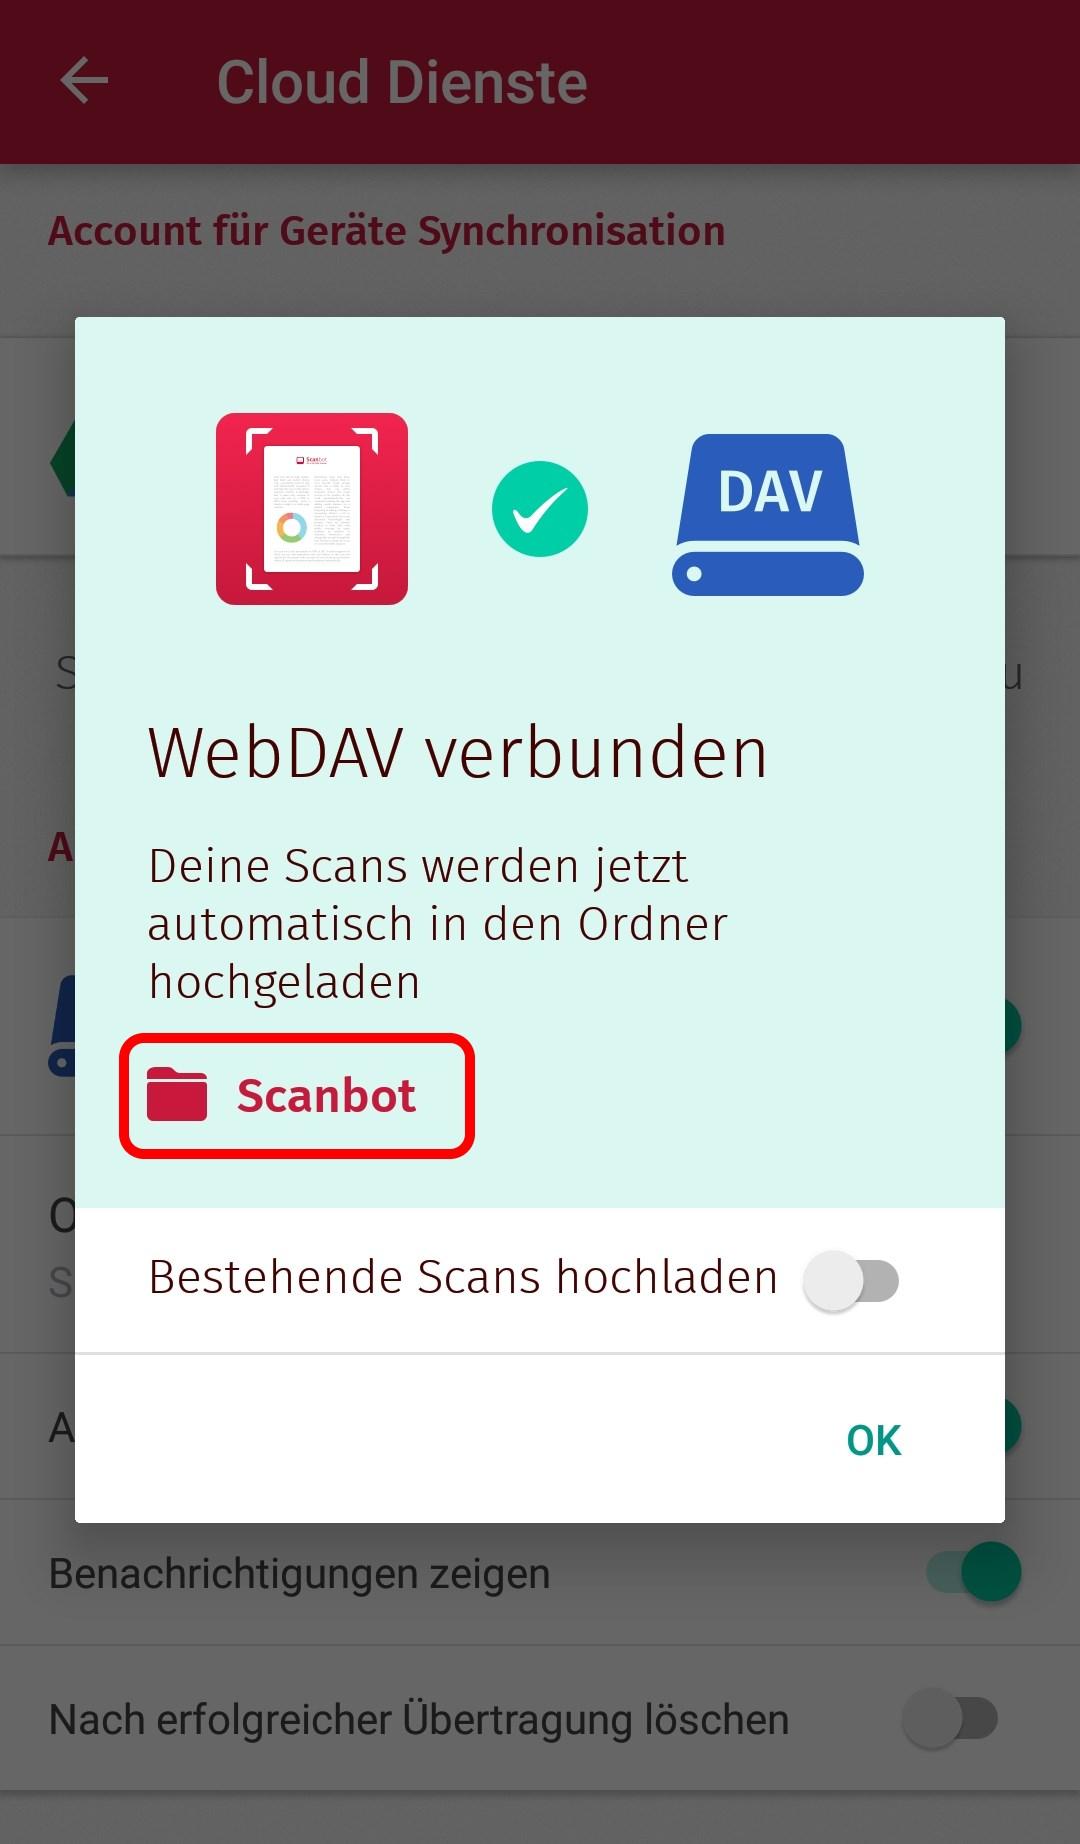 Scanbot und Nextcloud zur Verwaltung digitaler Dokumente (mit OCR